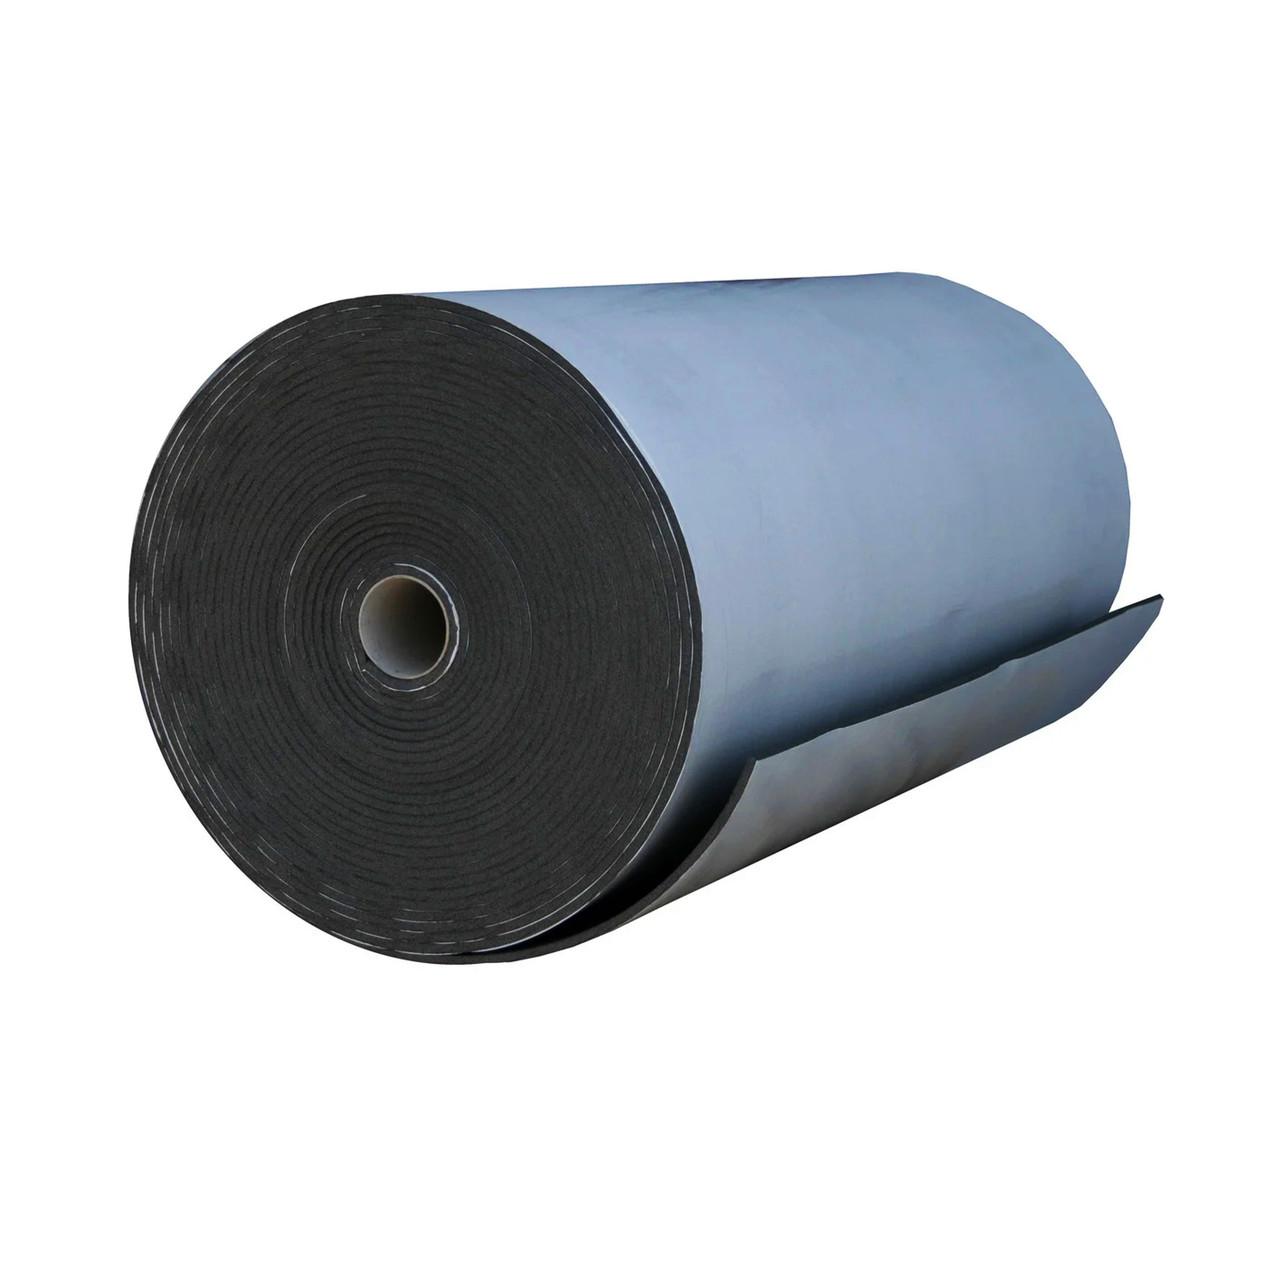 Химически сшитый самоклеющийся полиэтилен 5мм, пл.33кг\м3